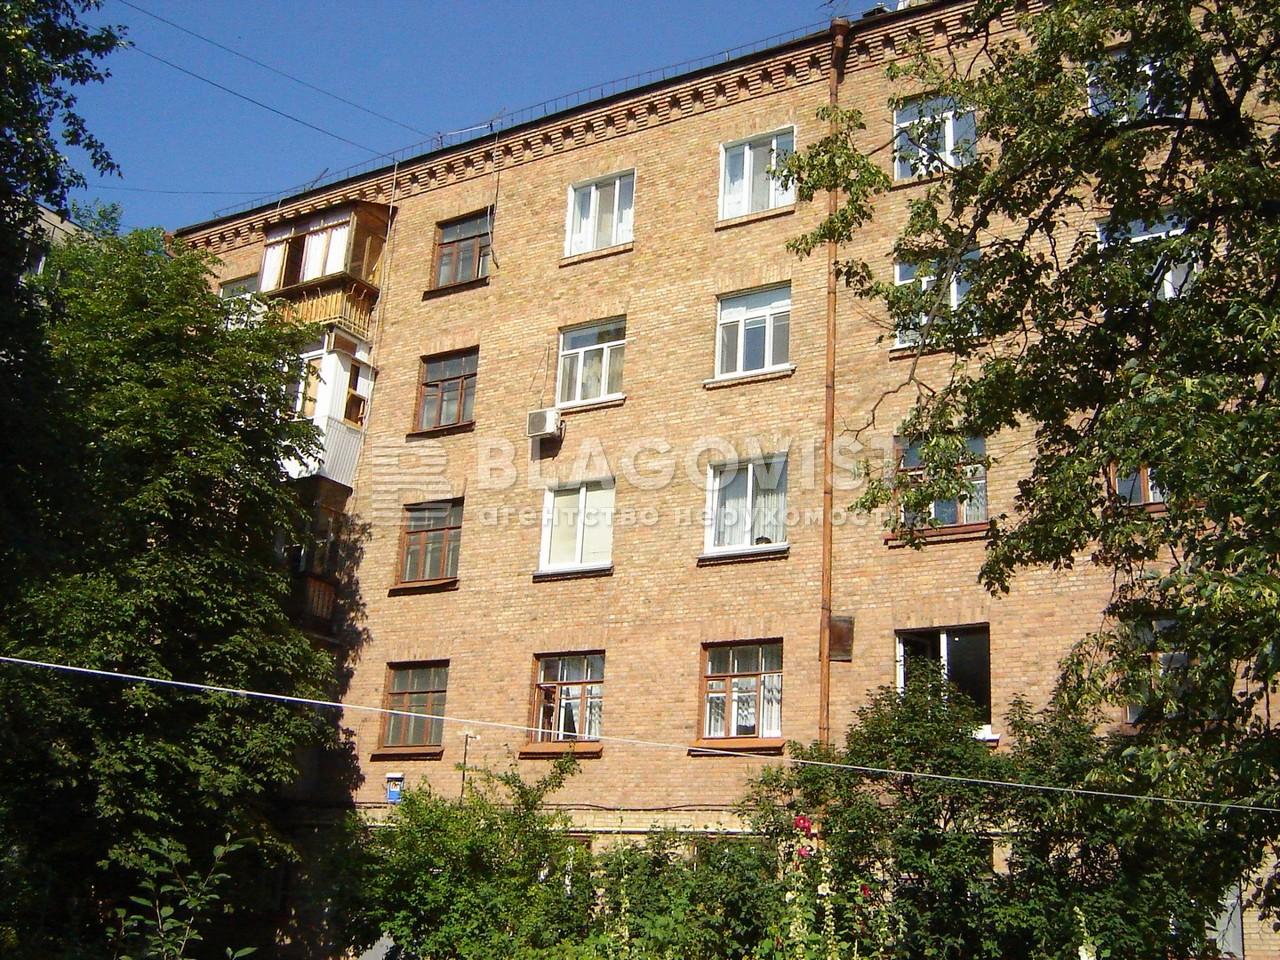 Квартира A-111978, Корчака Януша (Баумана), 24/1, Киев - Фото 1